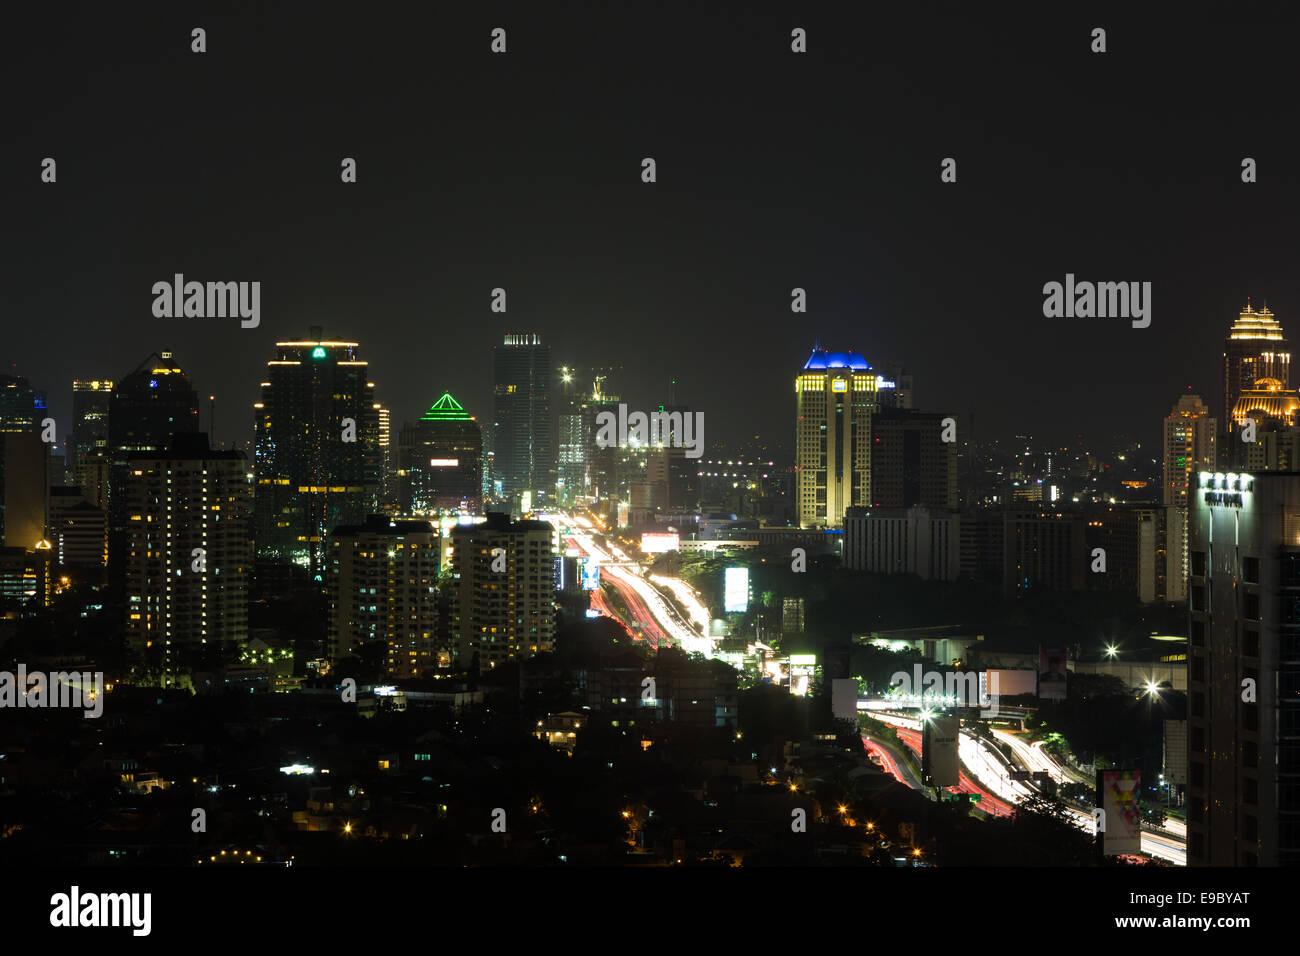 Jakarta (autoroute surélevée Gatot Subroto) autour de Tamarin la nuit Photo Stock